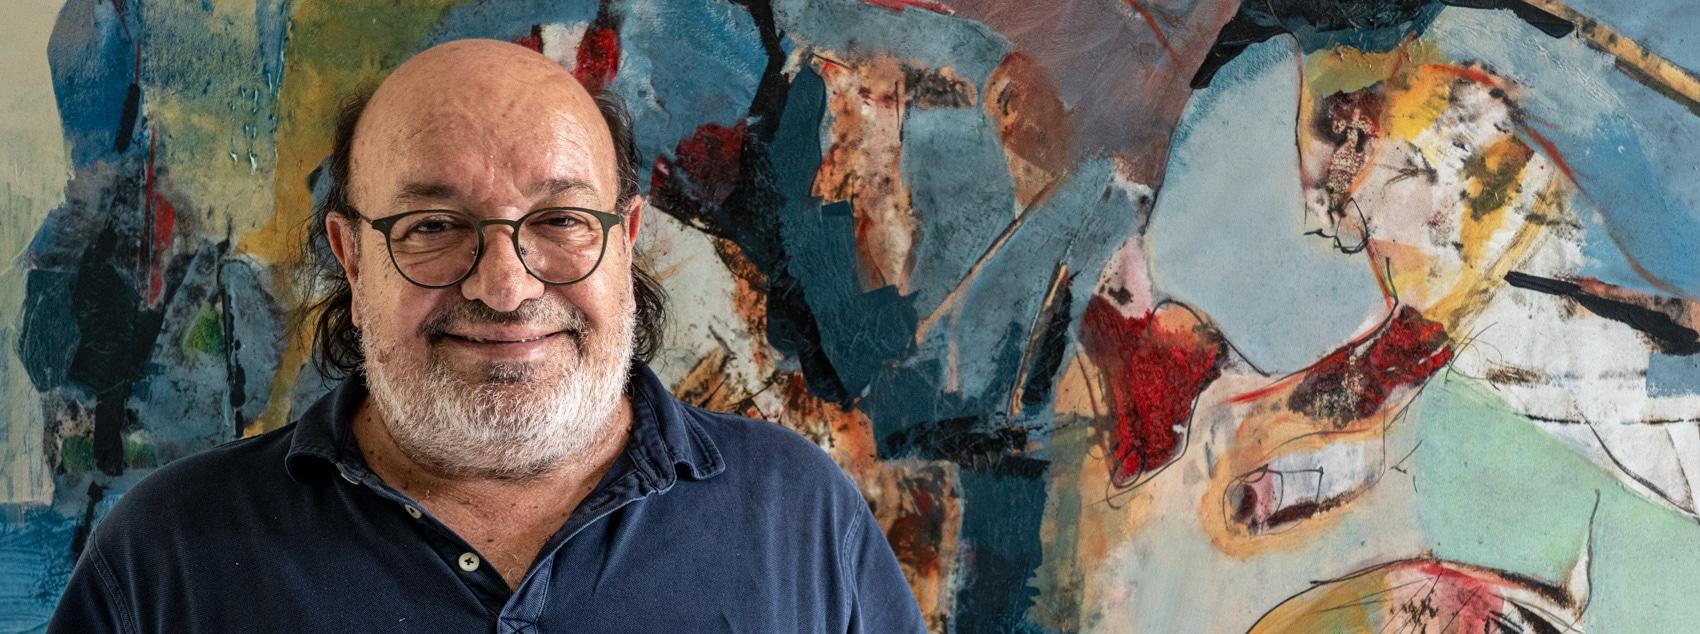 Mário Rocha, pintor